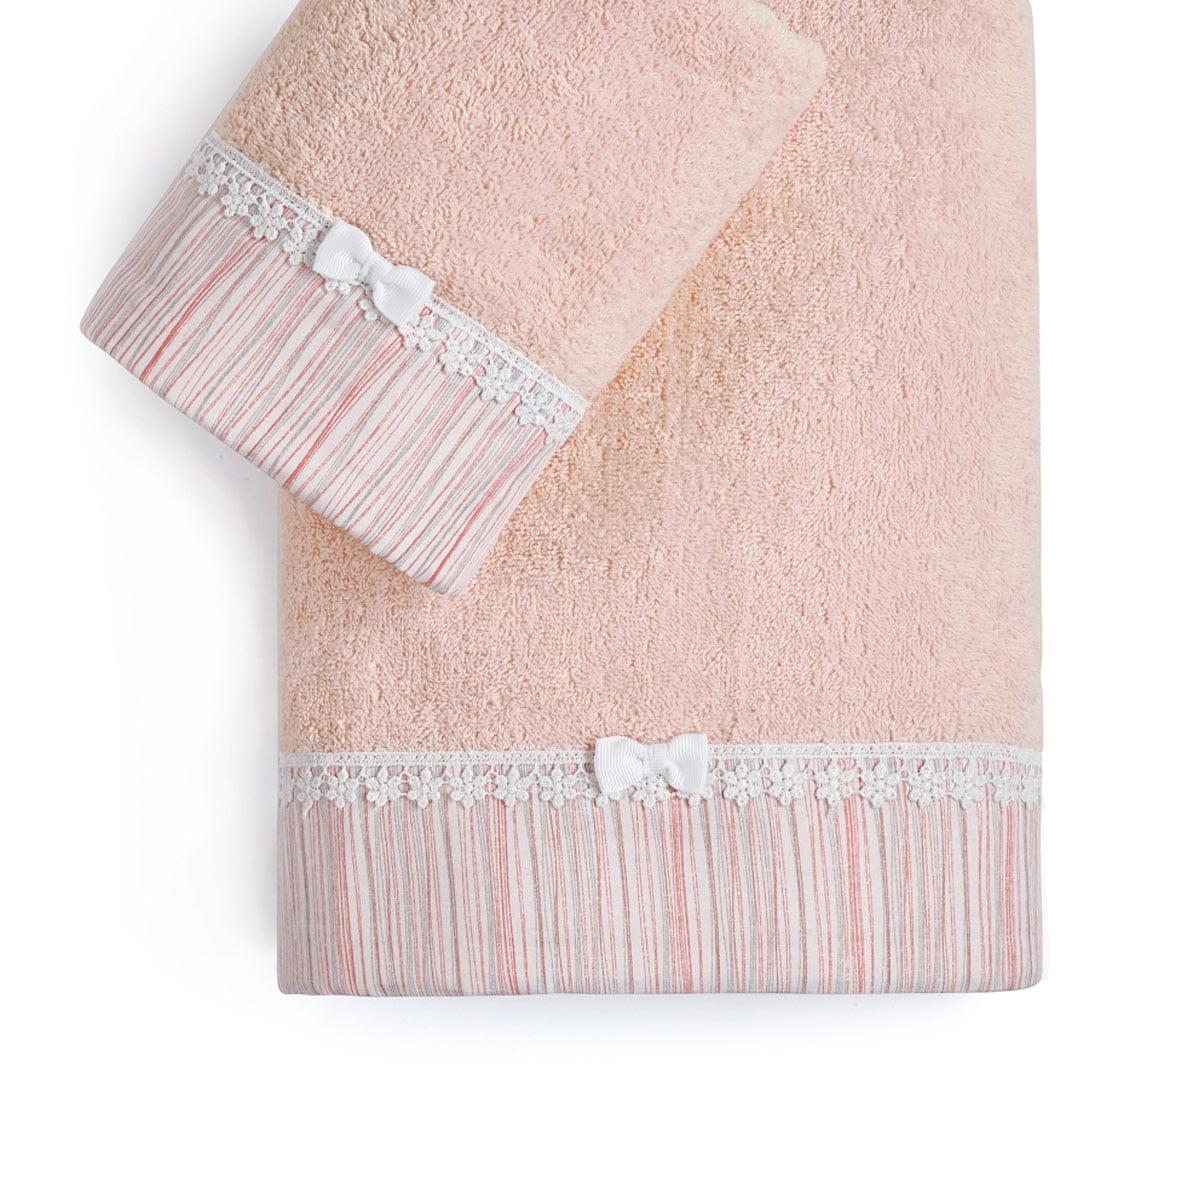 Πετσέτες Βρεφικές Σετ 2Τμχ. Nadine Pink Kentia Σετ Πετσέτες